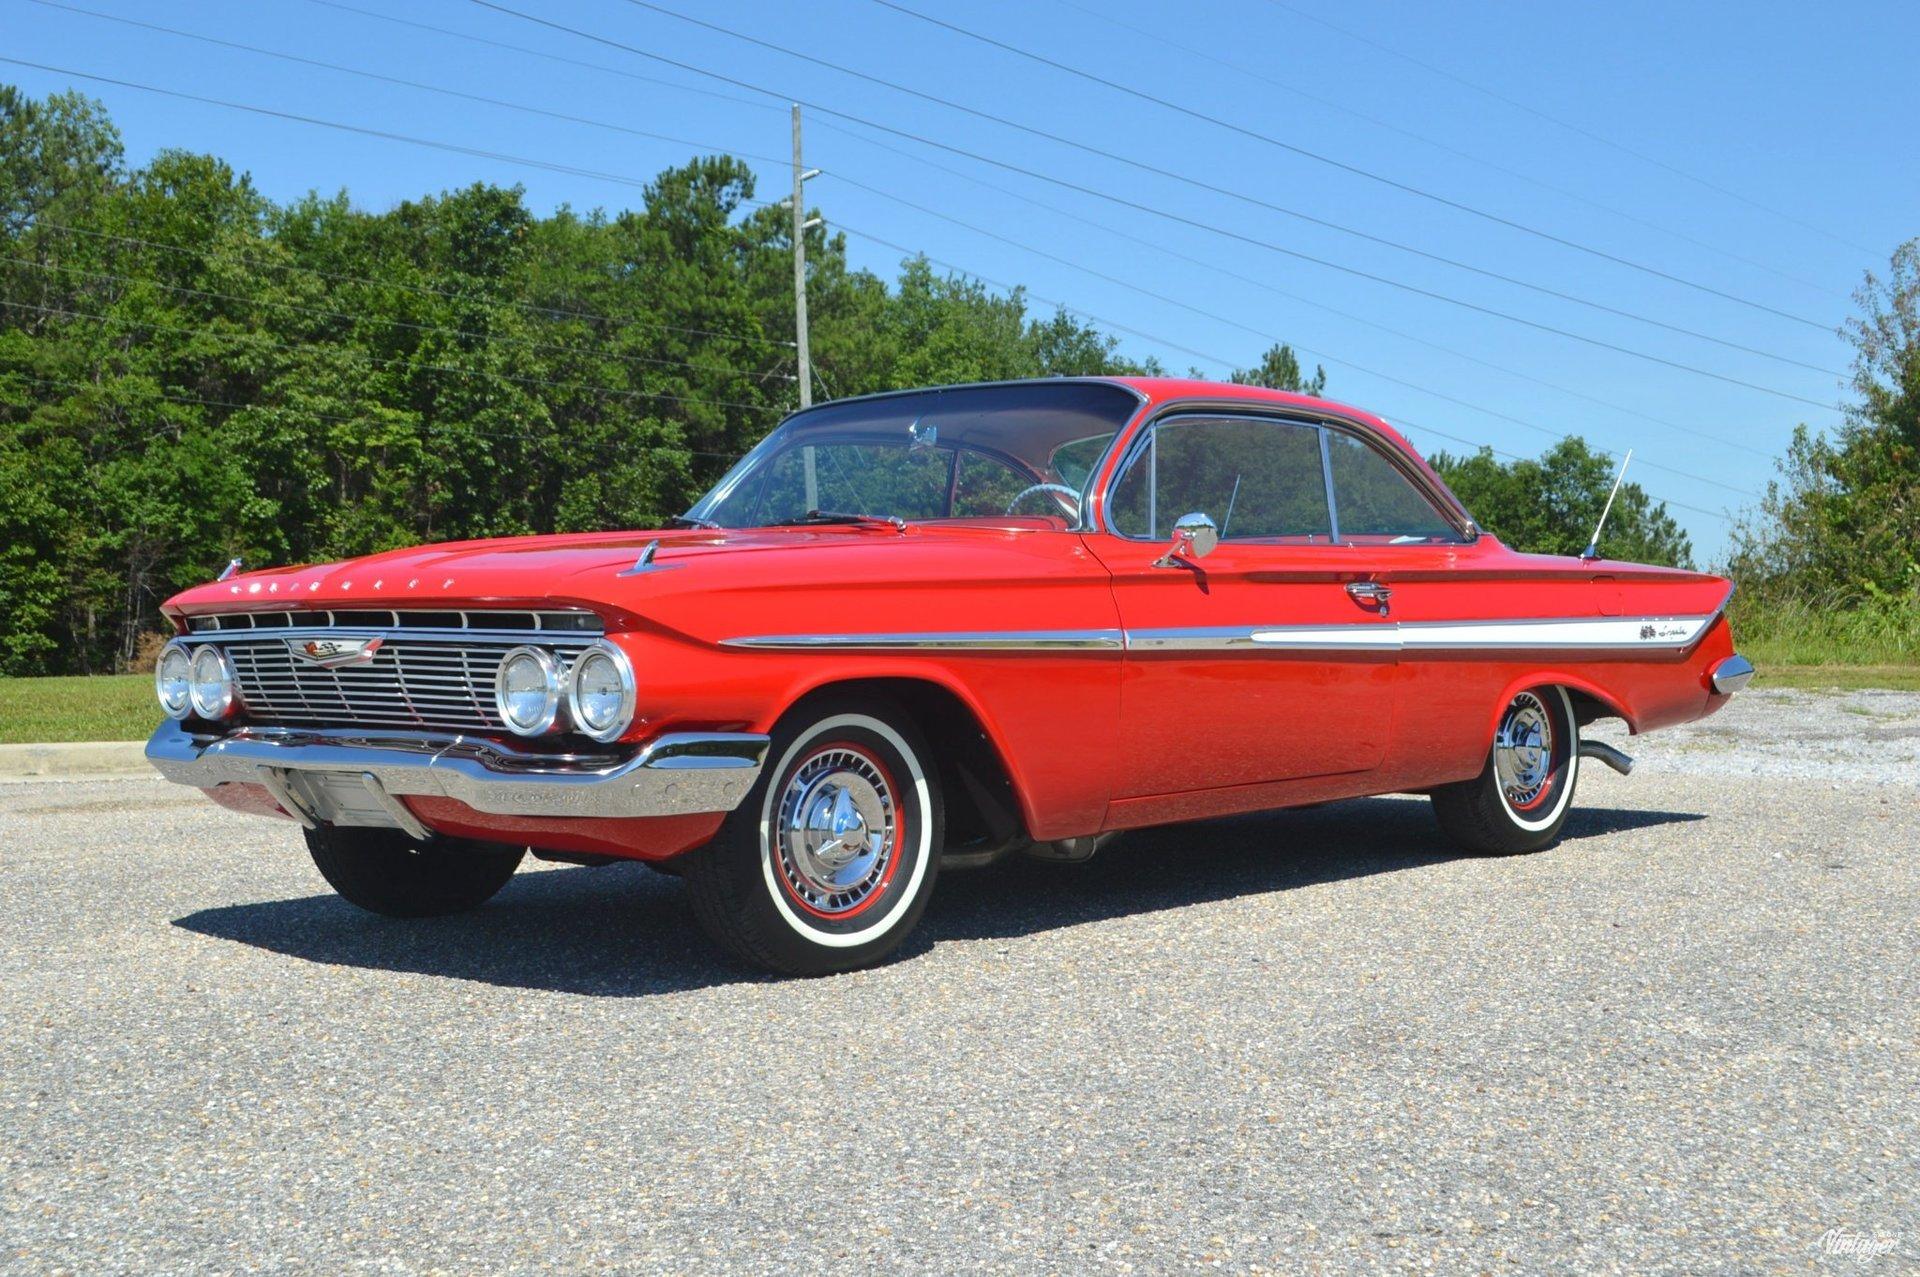 1178dd2798b7 hd 1961 chevrolet impala